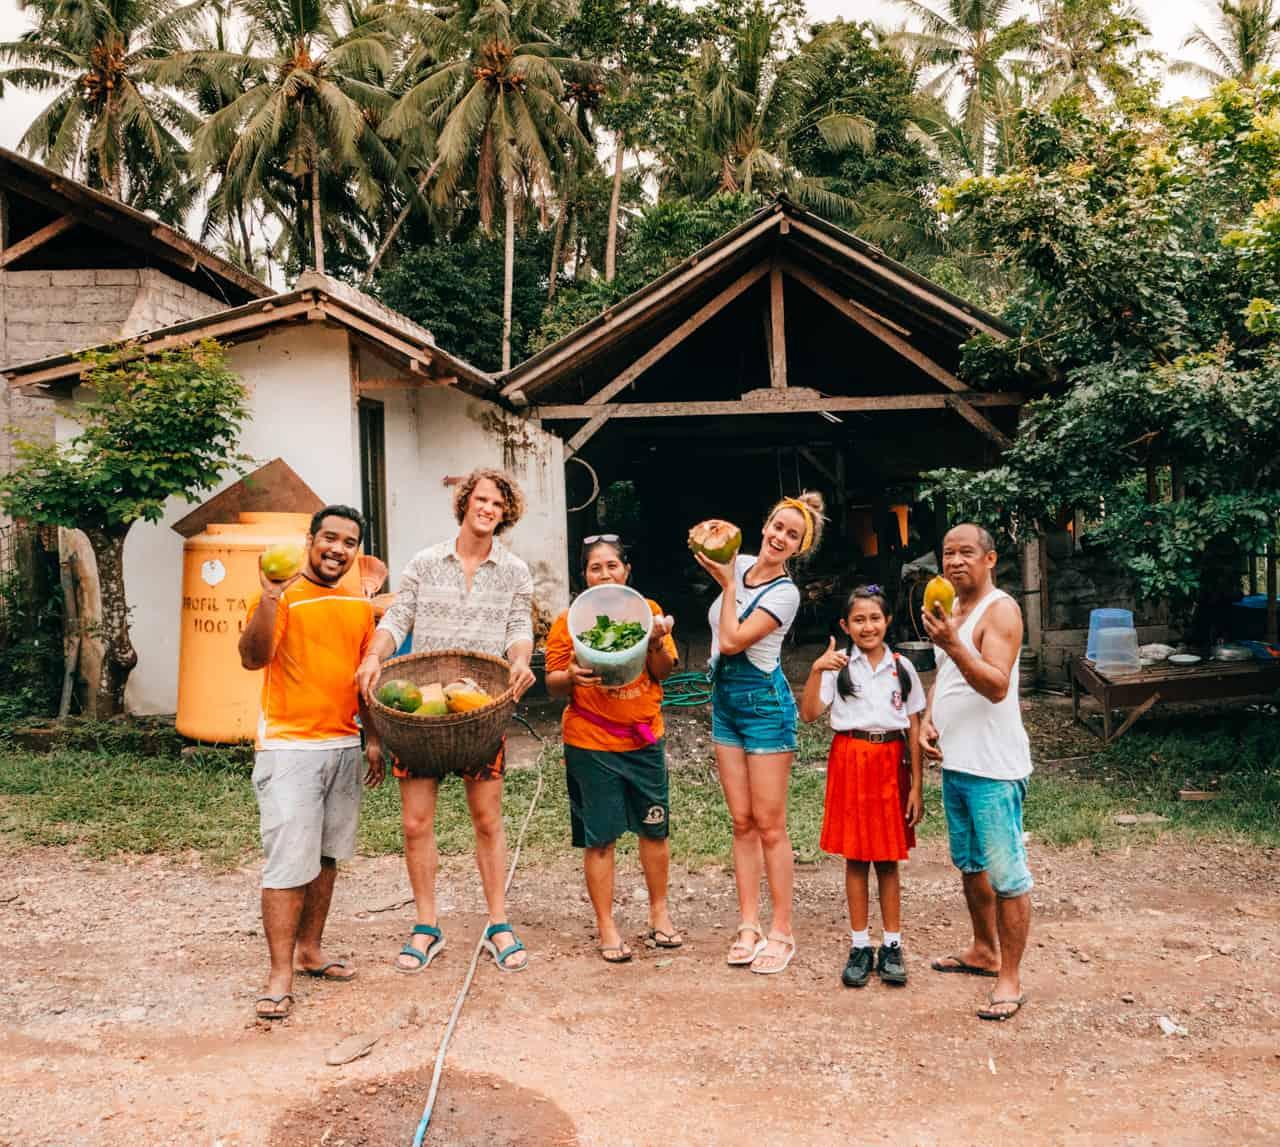 Se loger chez l'habitant : un hébergement économique pour les vacances